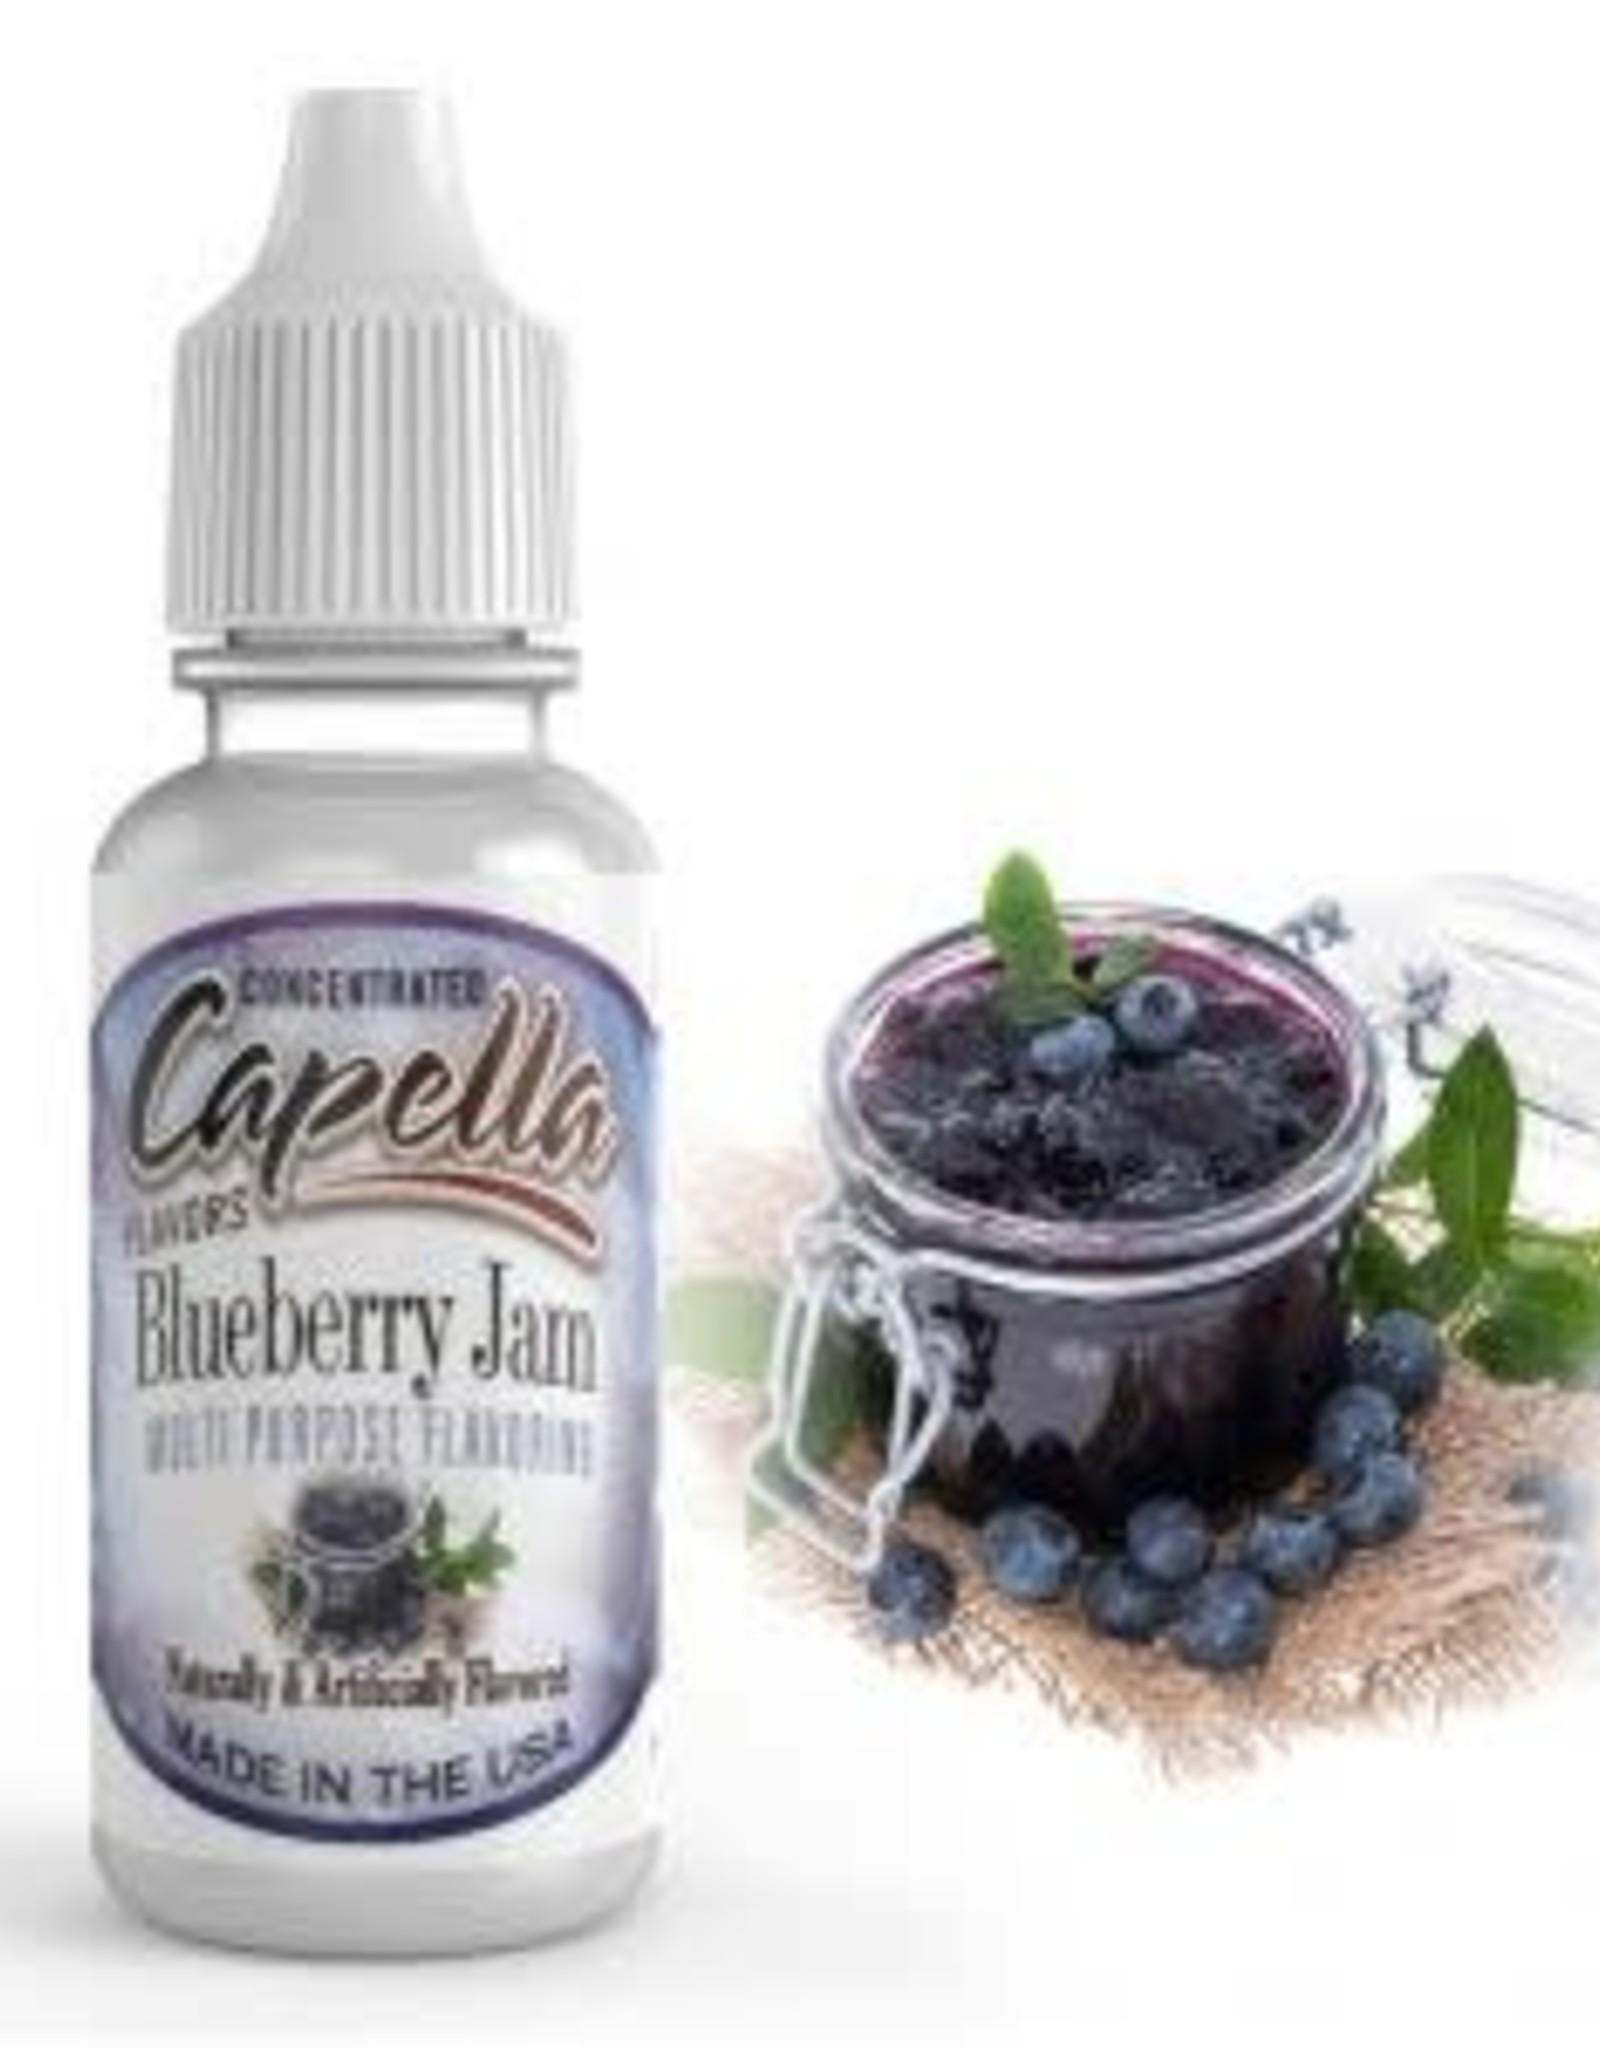 Capella Capella - Blueberry Jam Aroma 13ml